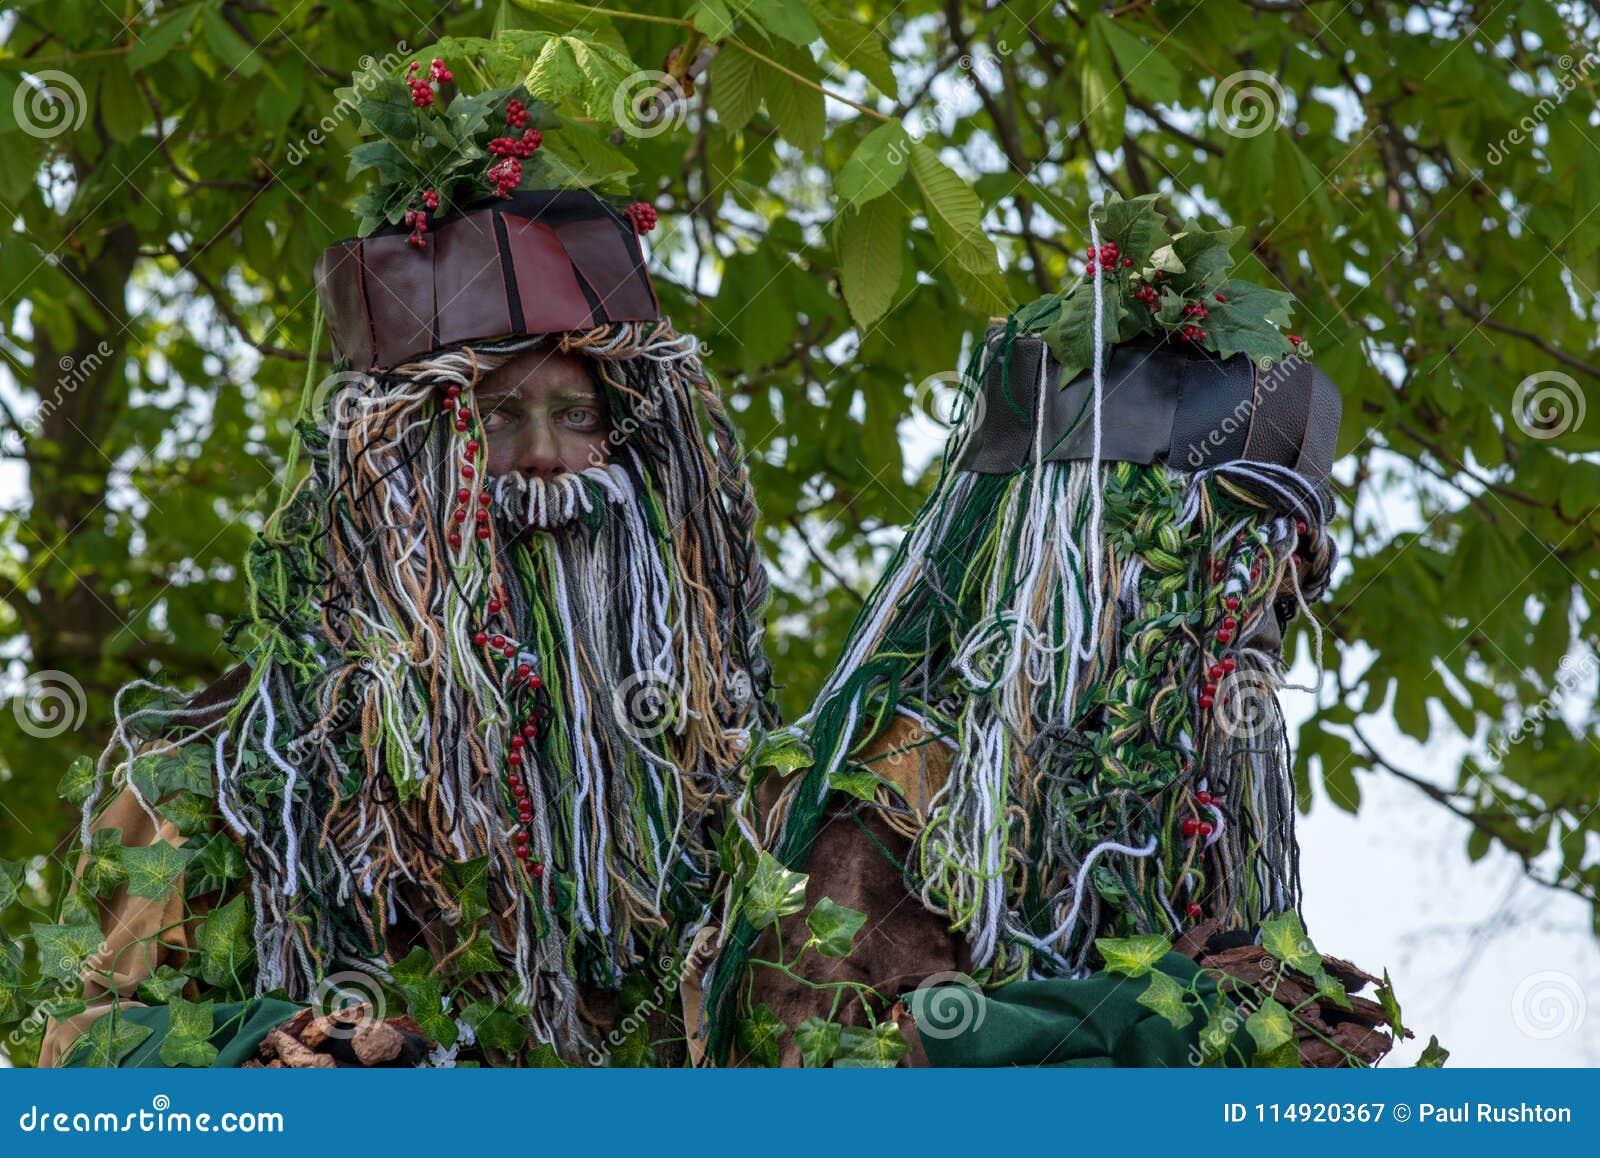 Пары спрайтов дерева при длинные бороды и падуб стоя под деревом конского каштана